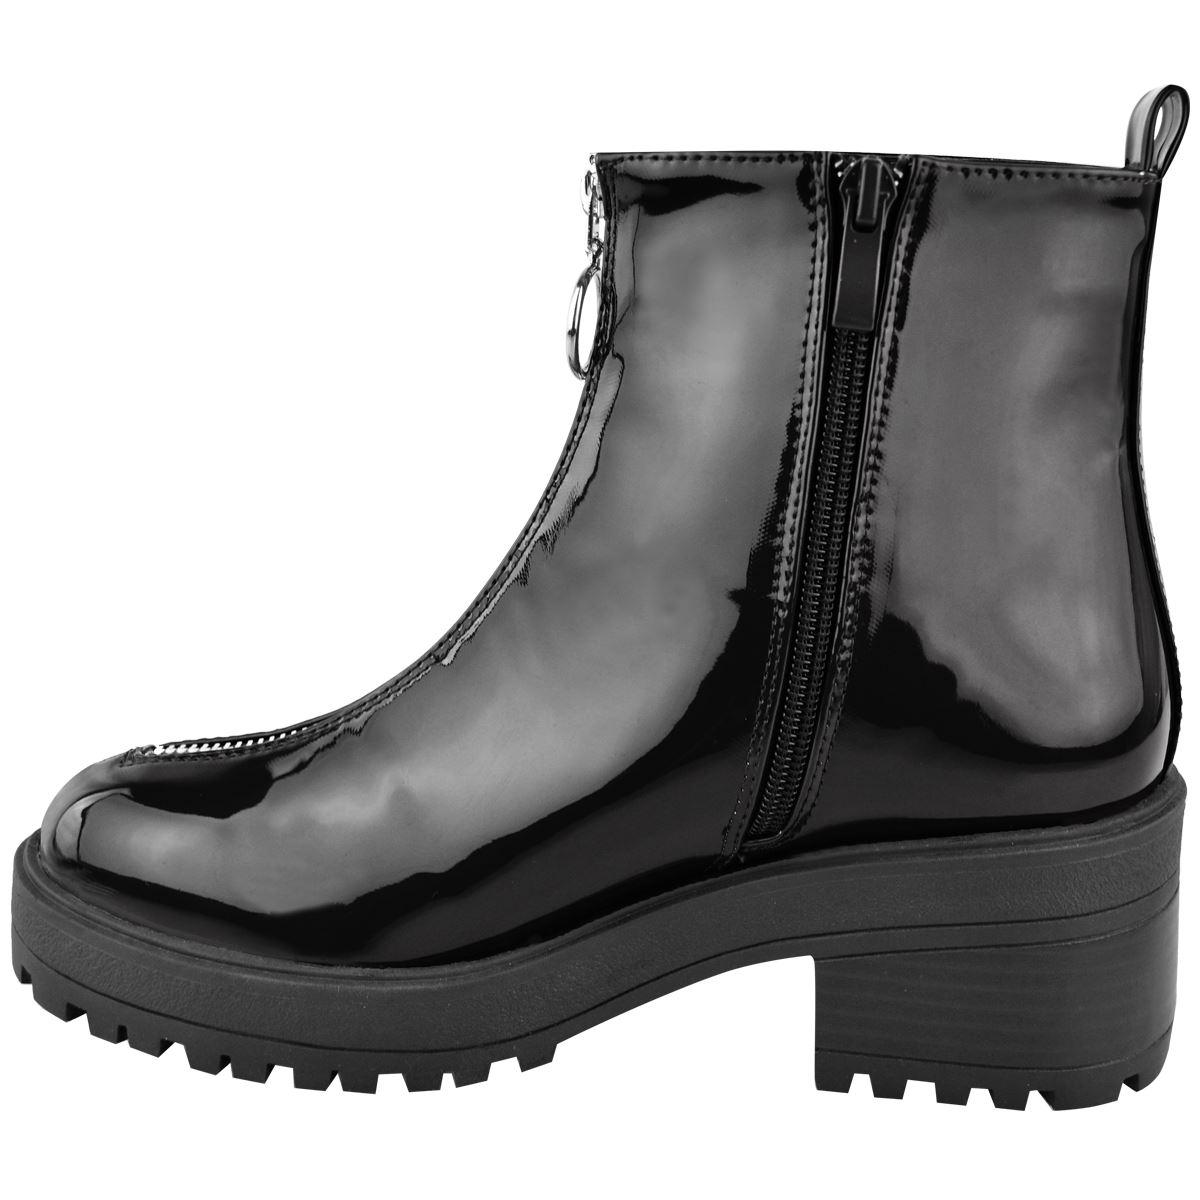 Débardeur Femme Nouveau Talon bottier plat Bottines Hiver Semelle Antidérapante Grunge Chaussures Taille